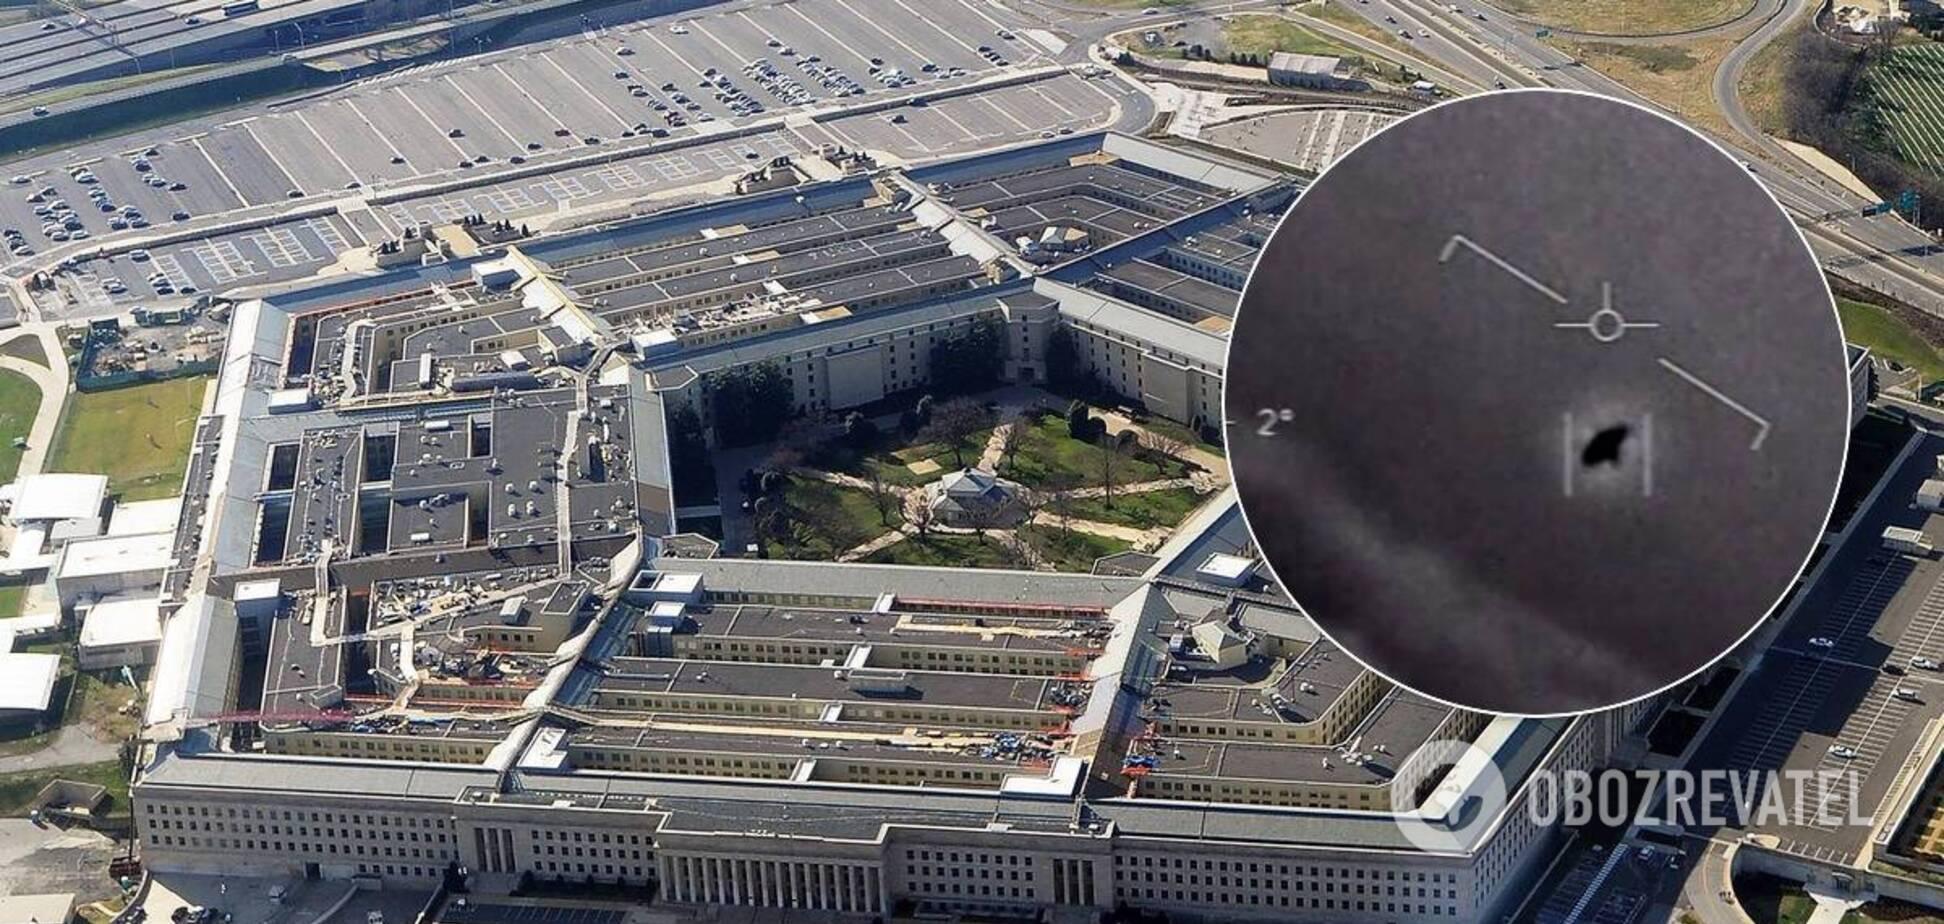 Пентагон заговорив про можливе позаземне походження НЛО: про що йдеться